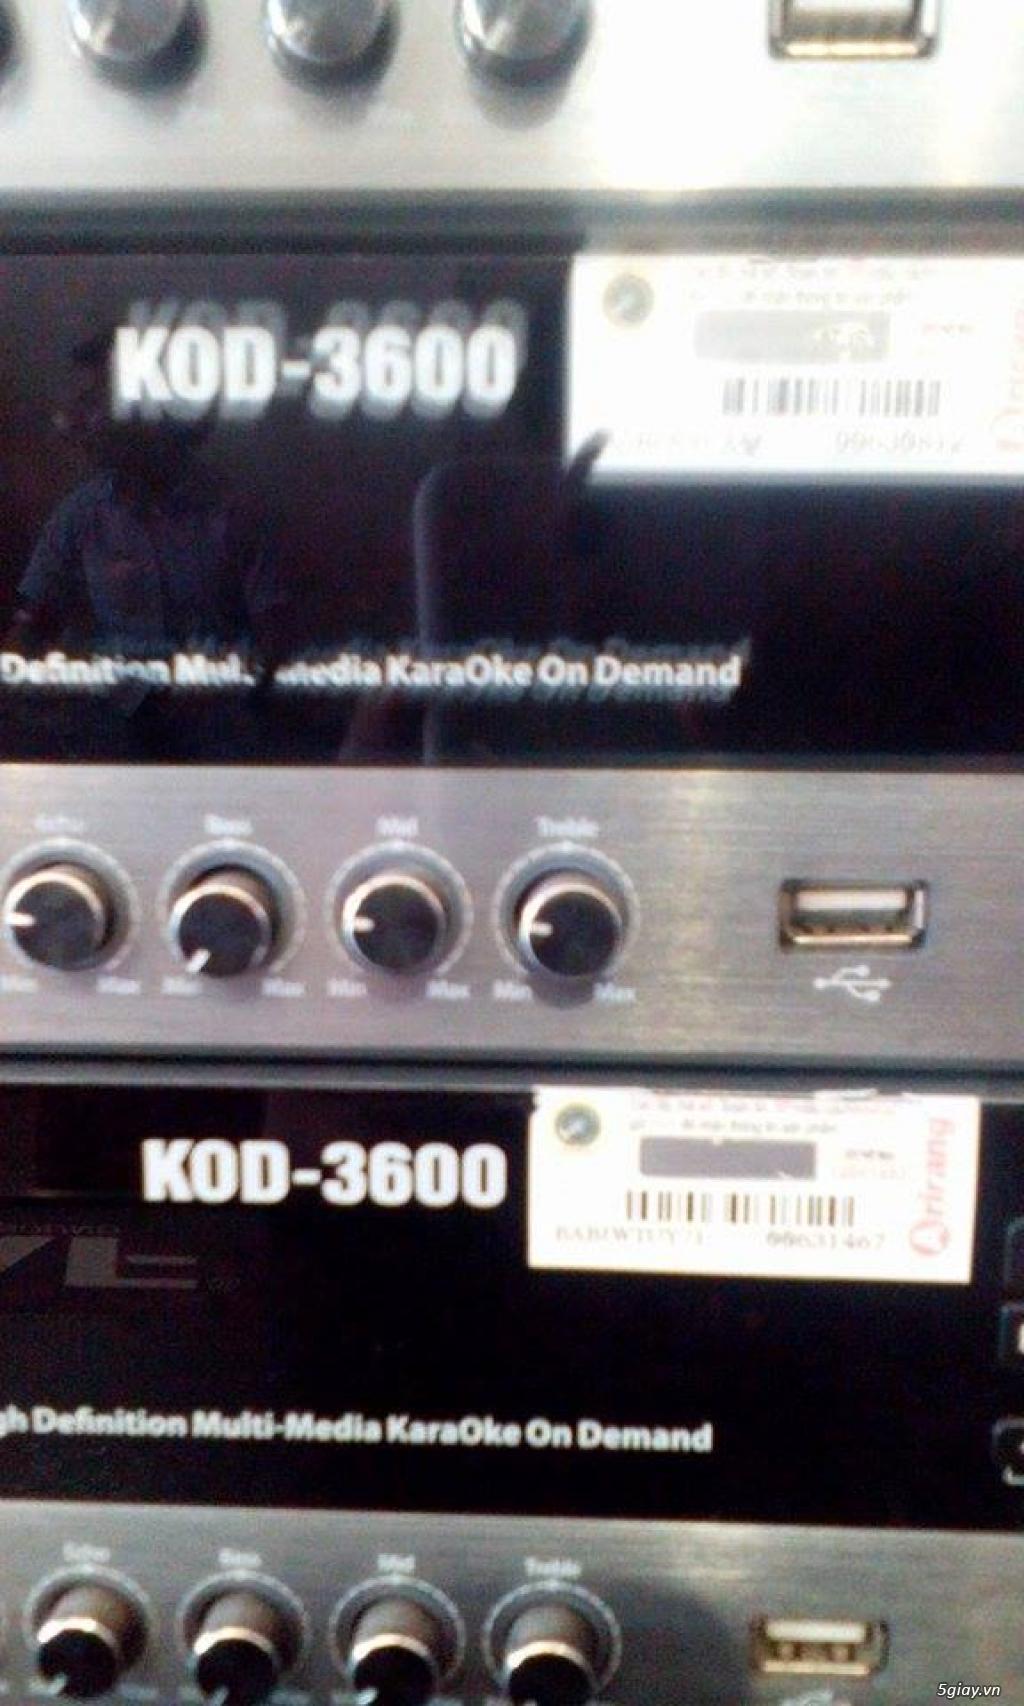 Thanh lý nhanh đầu arirang KOD3600 - 3